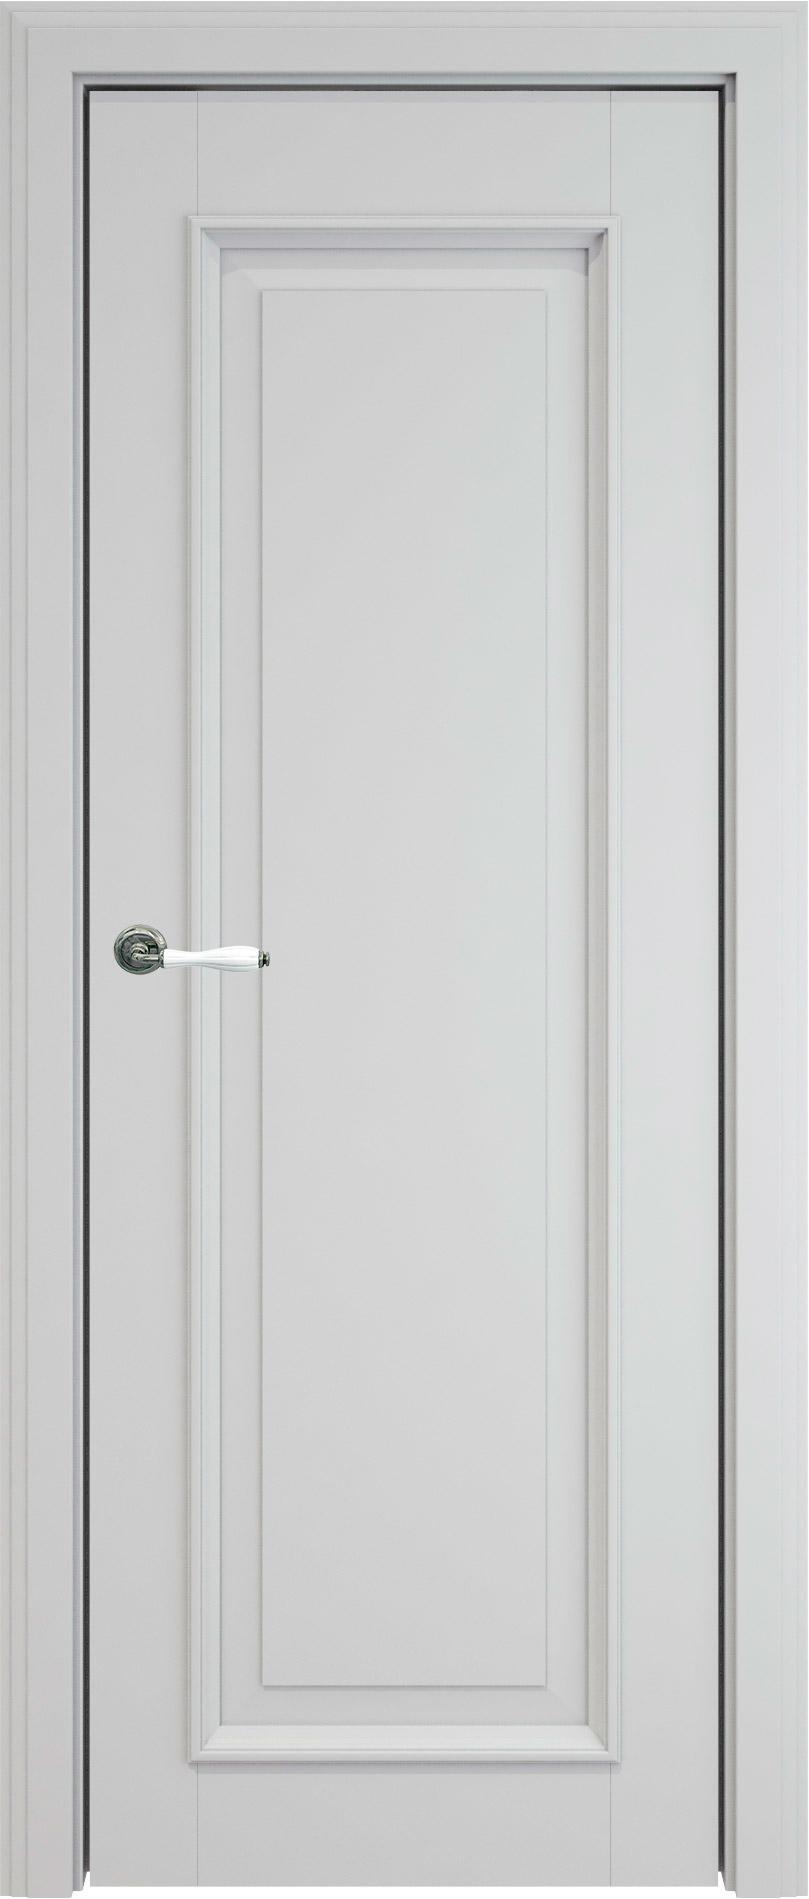 Domenica LUX цвет - Серая эмаль (RAL 7047) Без стекла (ДГ)